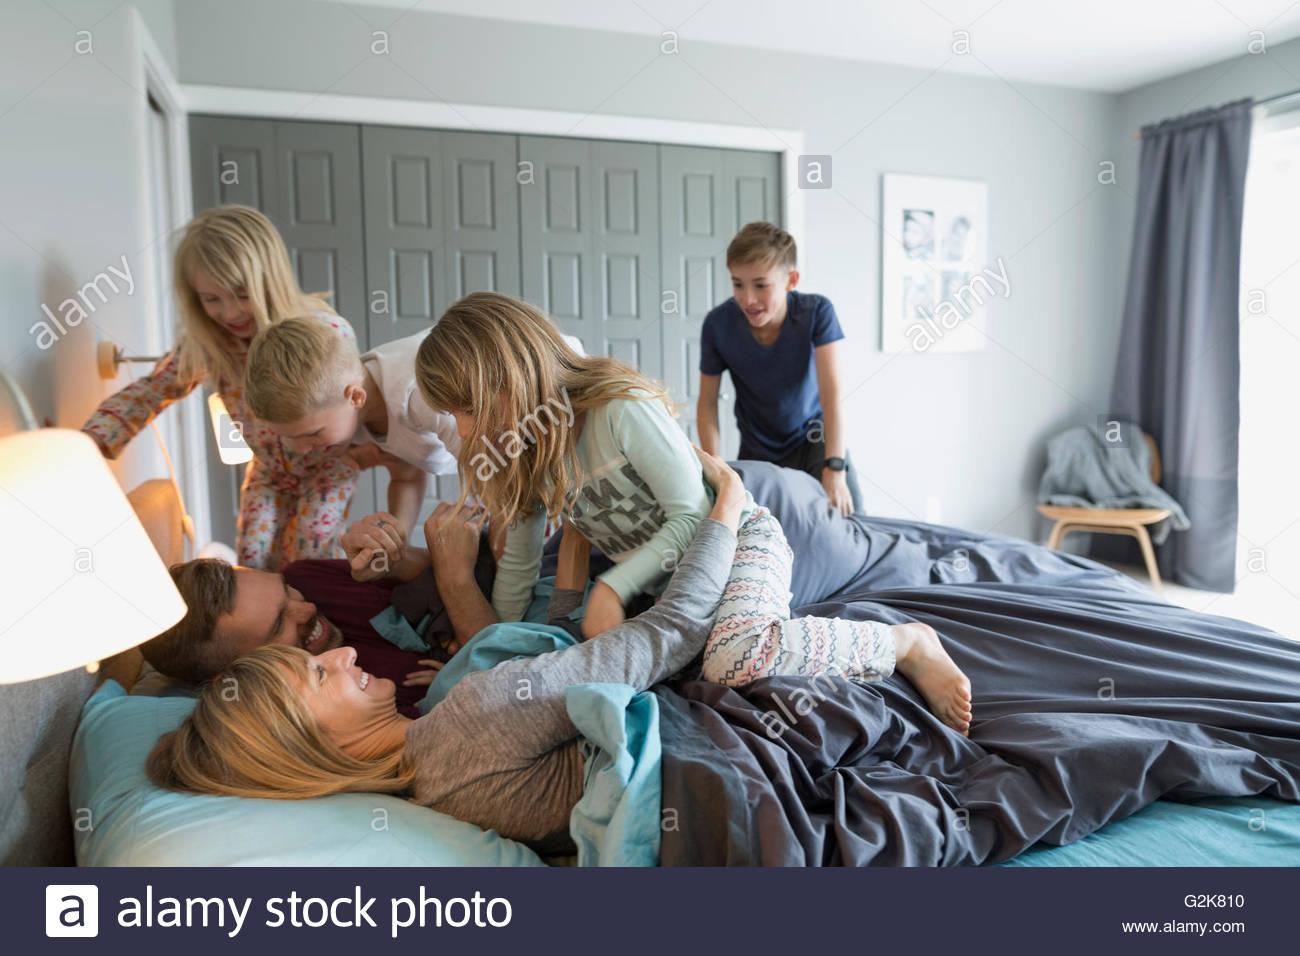 Bambini allegri in pigiama affrontare i genitori nel letto Immagini Stock